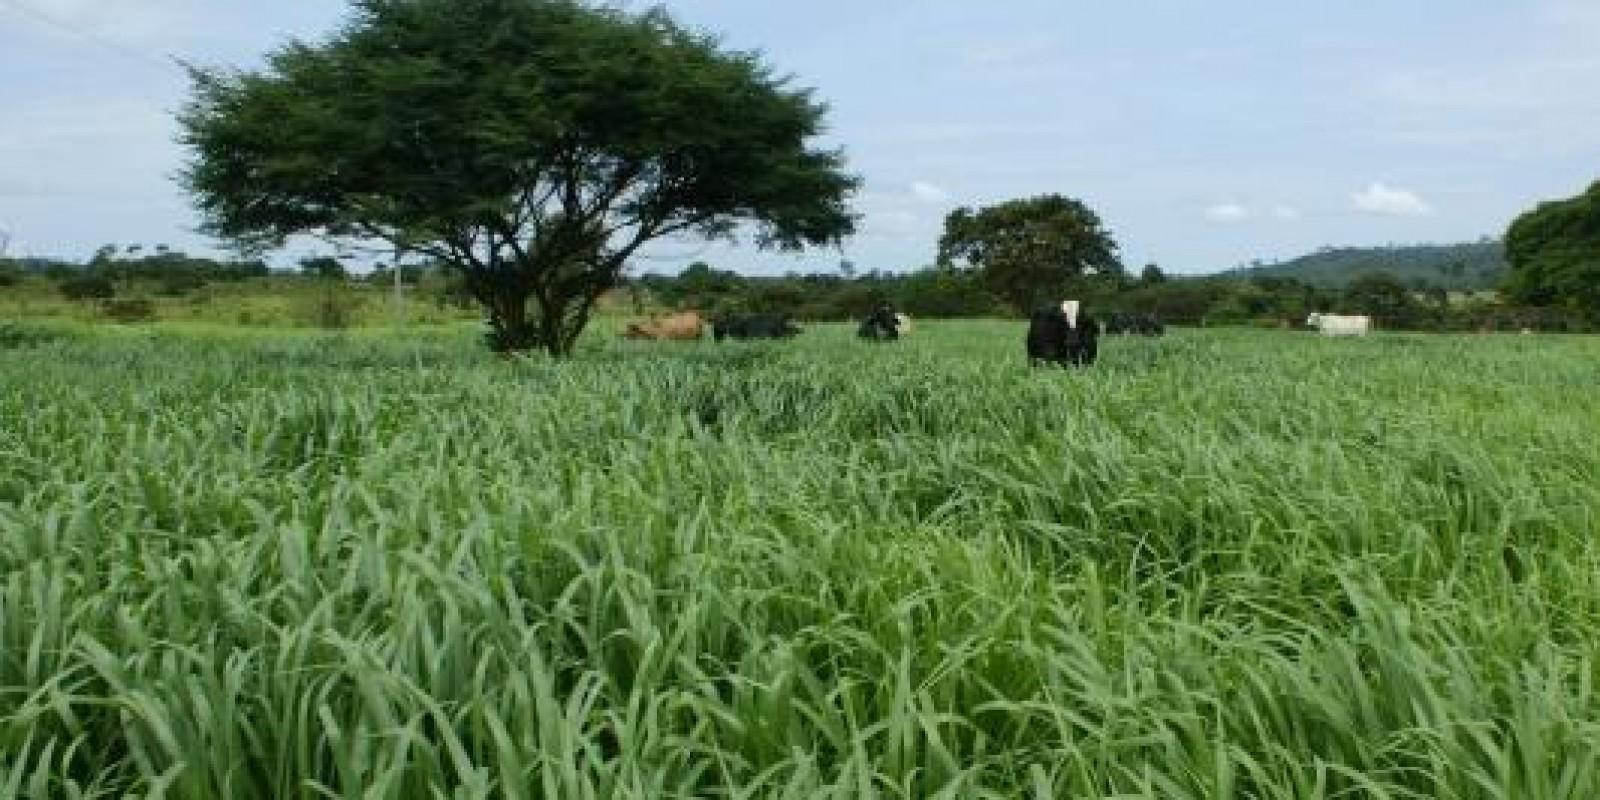 Sementes de pastagens inoculadas reduzem em 10 vezes gastos com fertilizantes